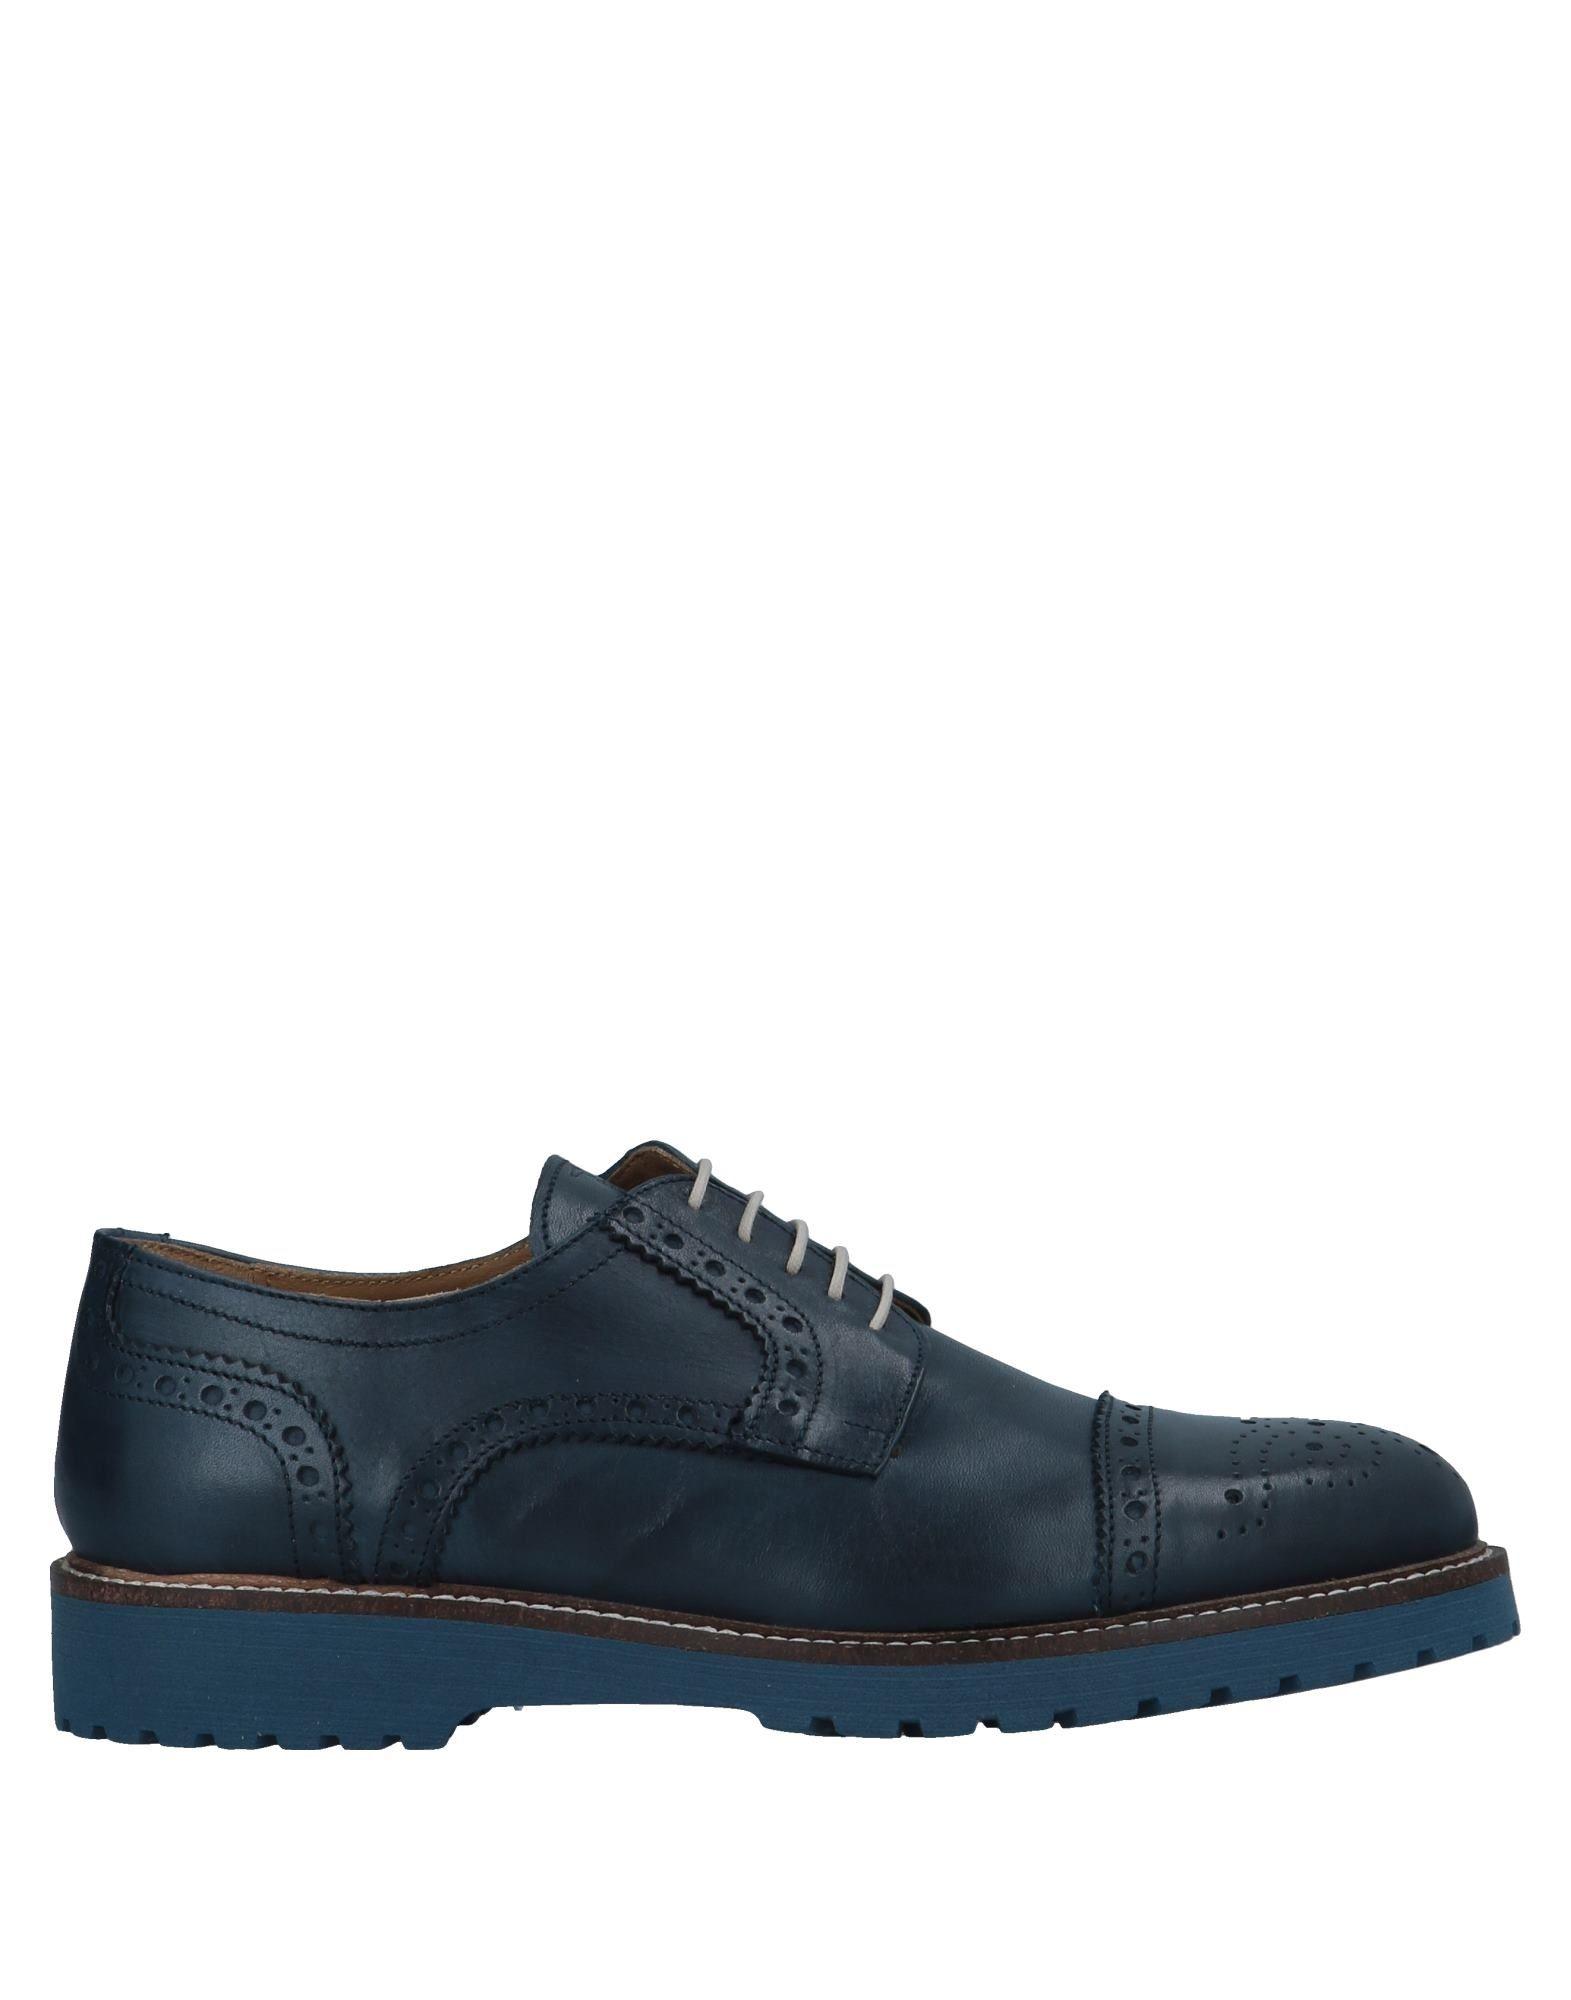 Фото - TRUSSARDI Обувь на шнурках обувь на высокой платформе dkny